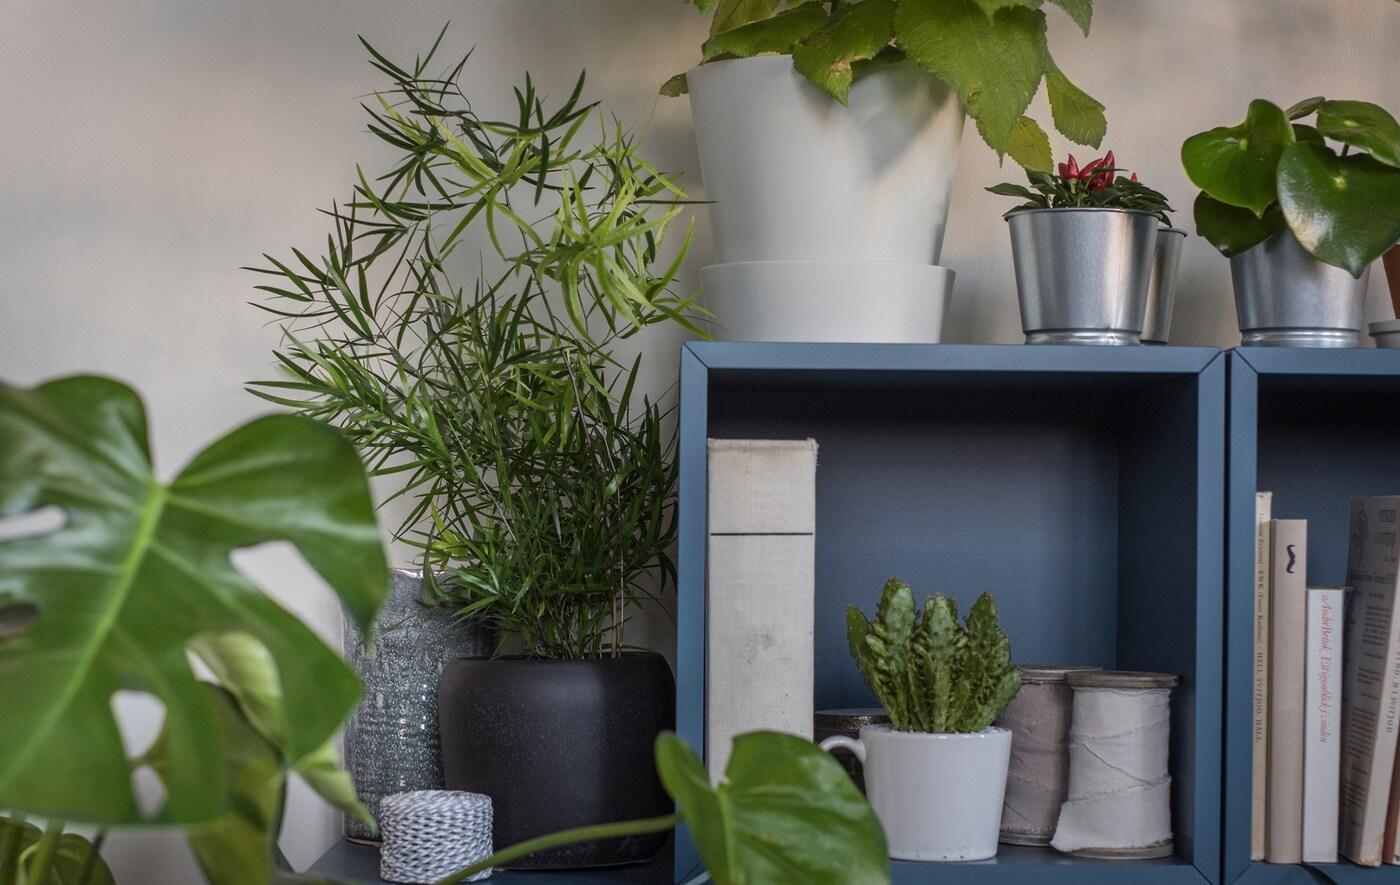 Zwei blaue Schränke, übereinandergestapelt in einem Wohnzimmer bieten Platz für Bücher und Pflanzen. Ansonsten sind sehr viele Pflanzen im Zimmer zu sehen.